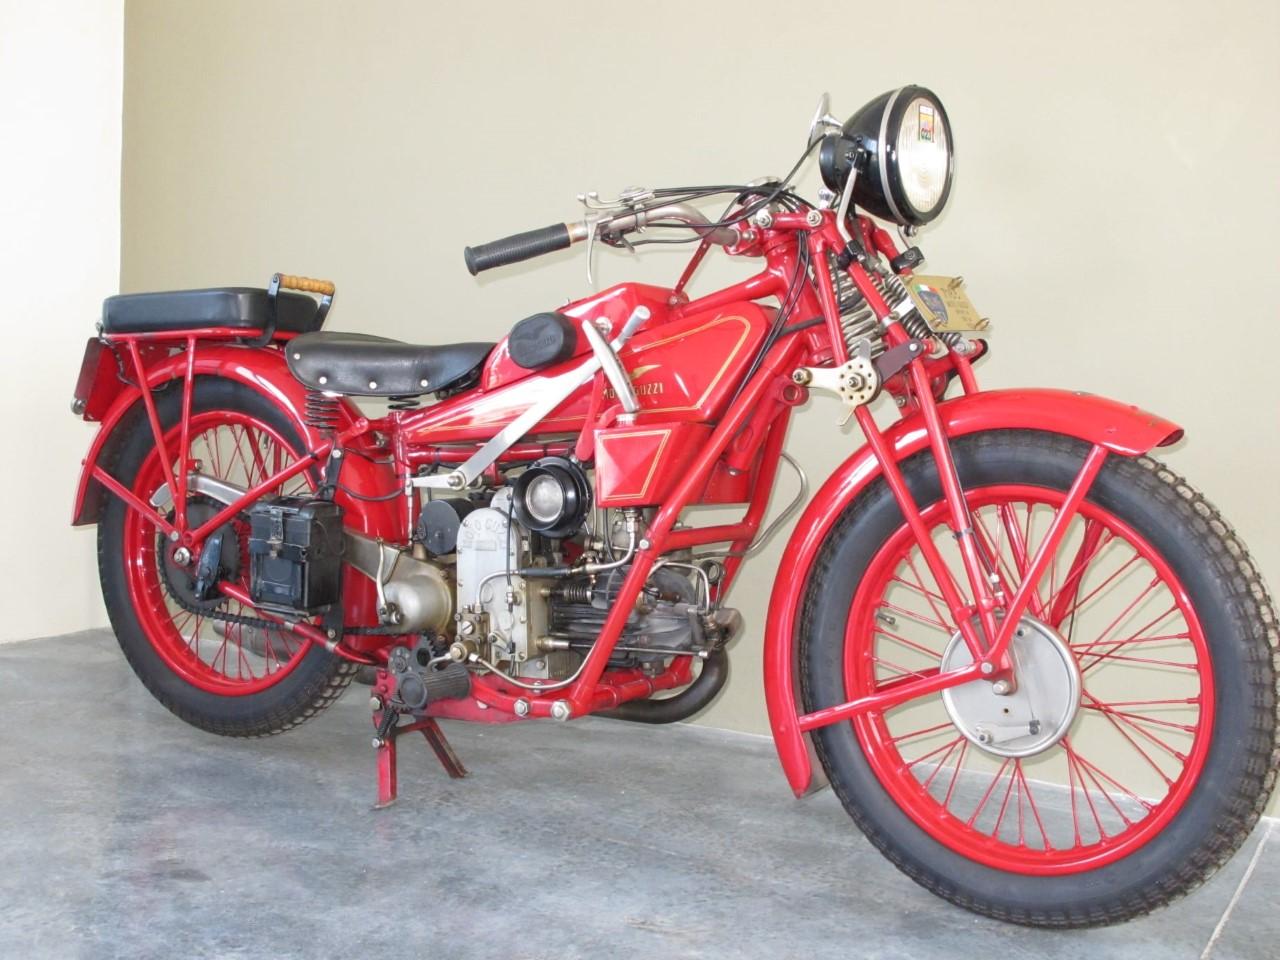 Πασαλιμάνι: Έκθεση ιστορικών μοτοσυκλετών την Κυριακή 3 Οκτωβρίου